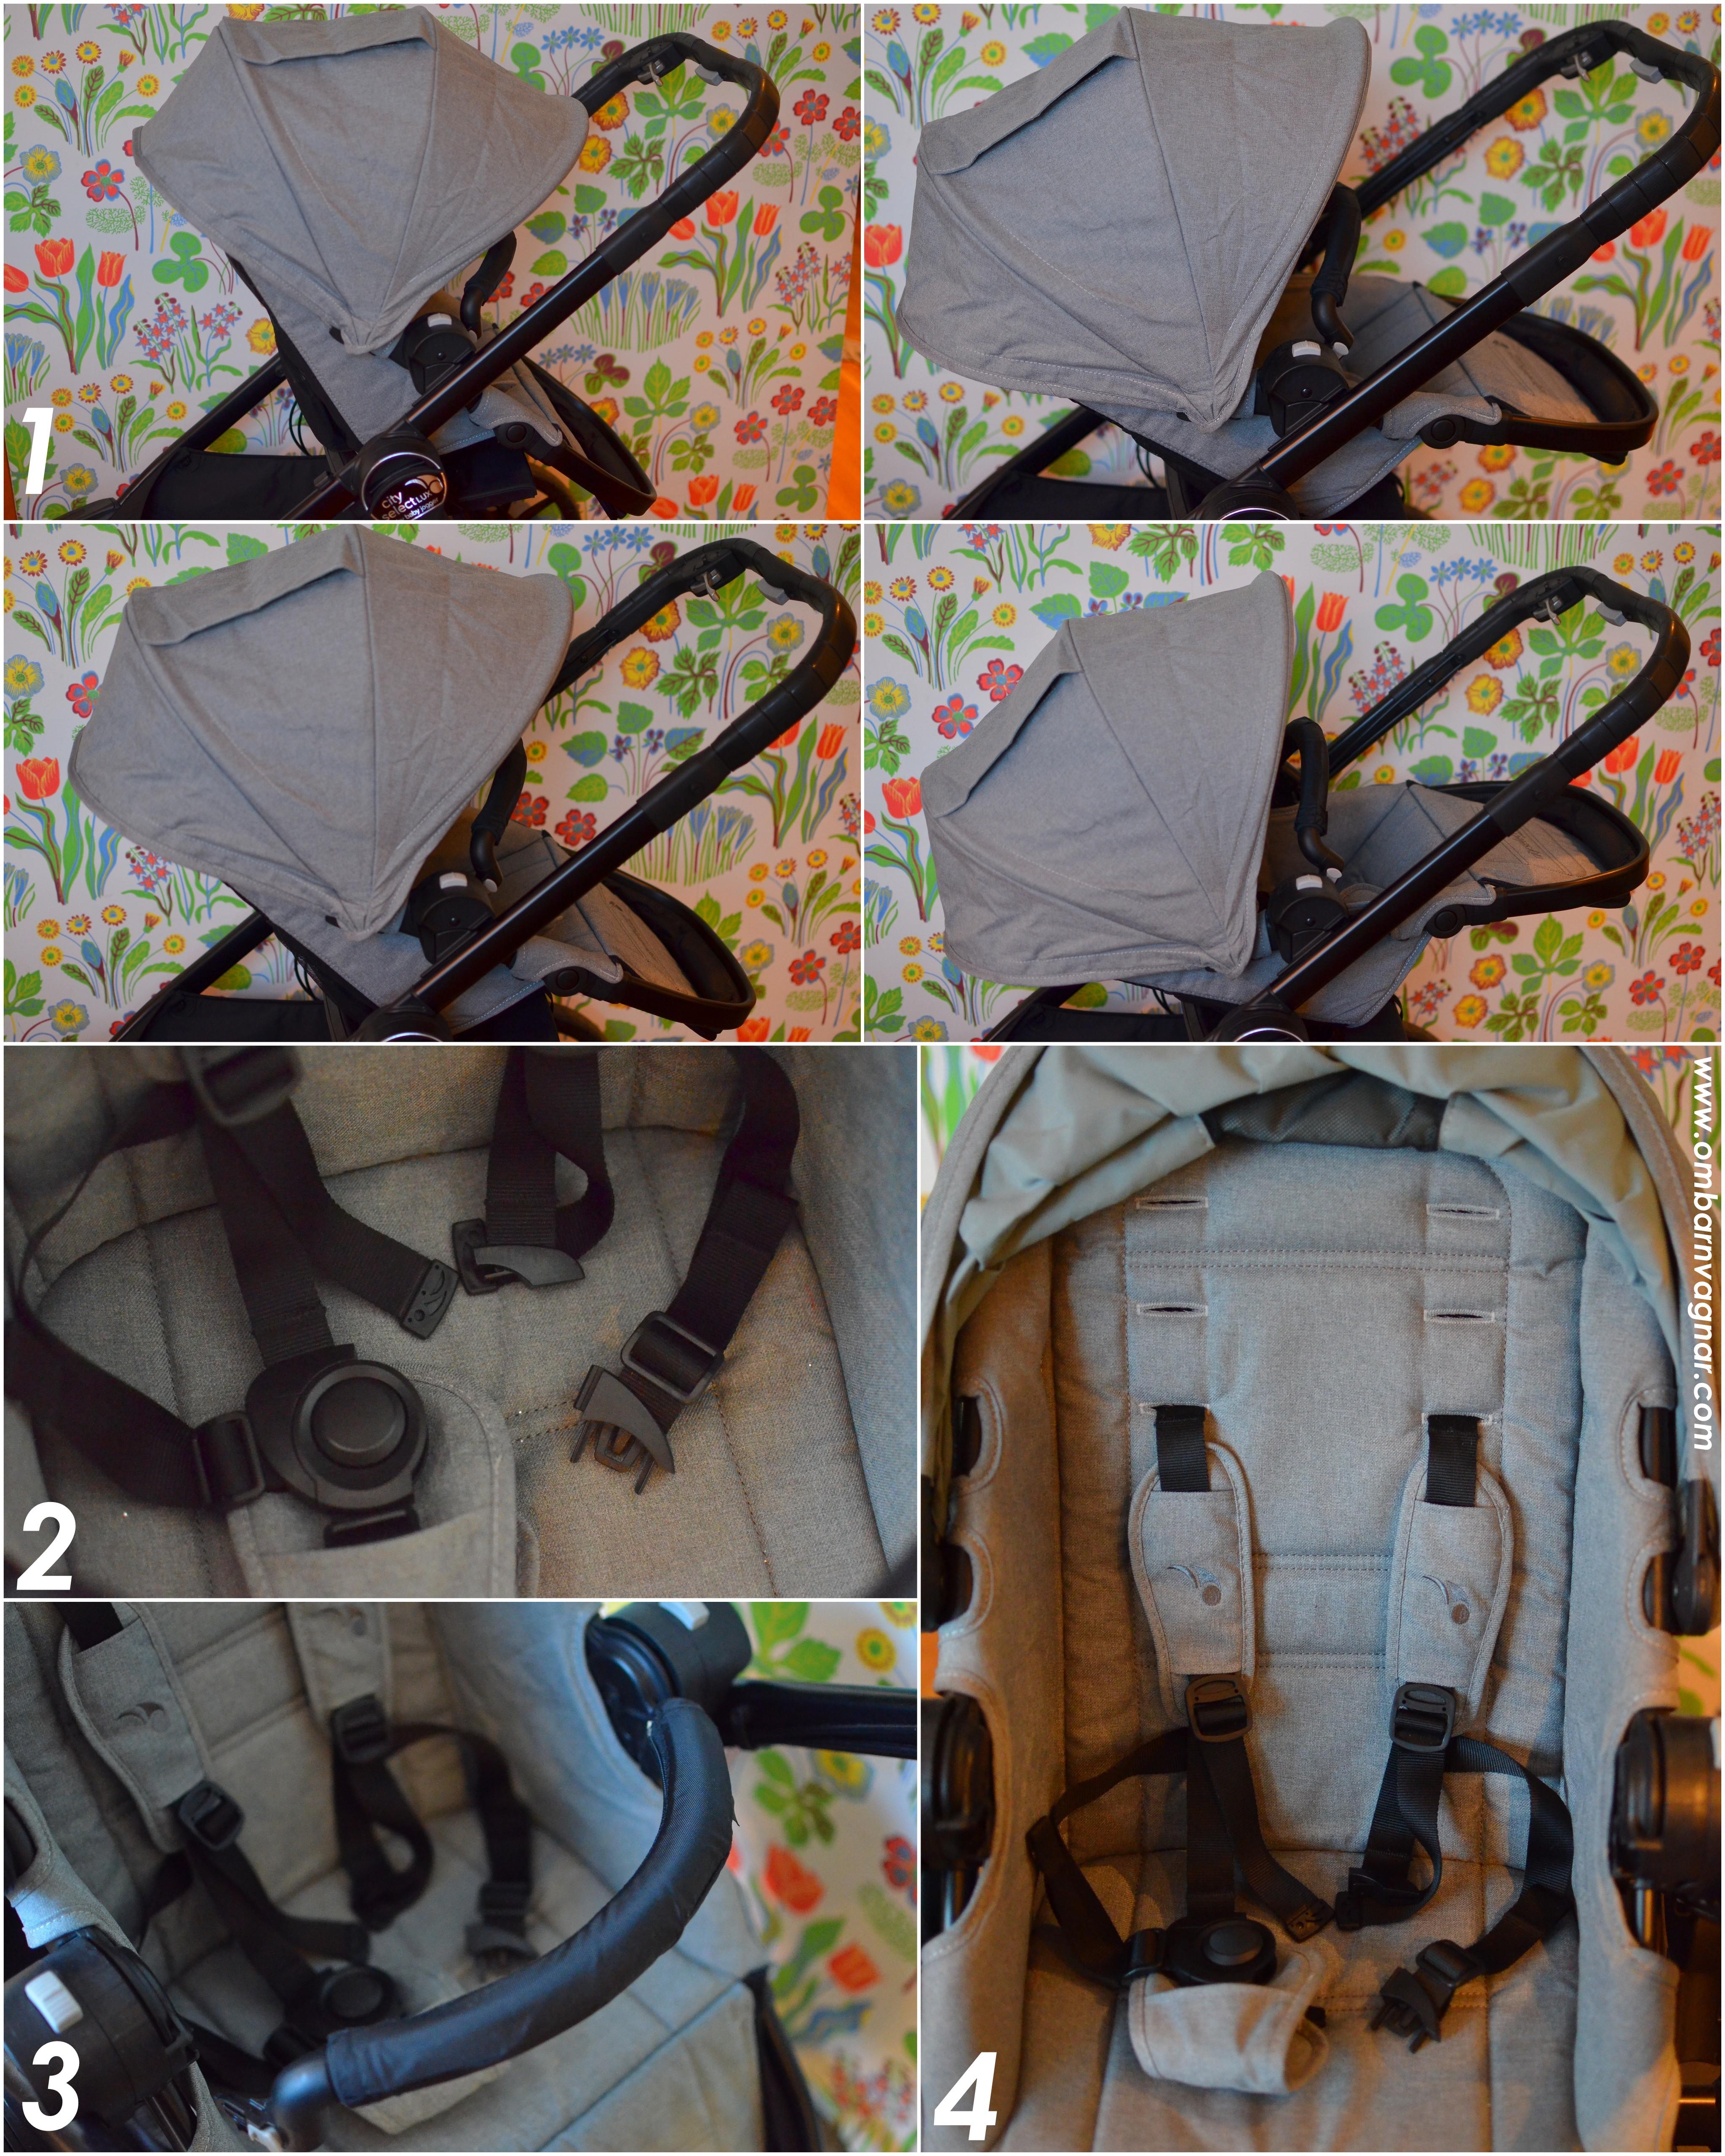 Baby Jogger City Select Lux har en vändbar, ergonomisk sittdel